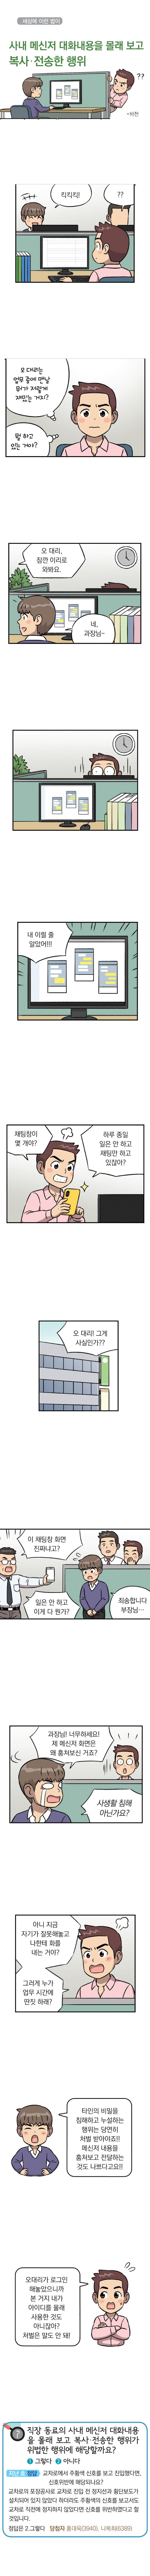 <법나들이 2019년 11월> 사내 메신저 대화내용을 몰래 보고 복사·전송한 행위